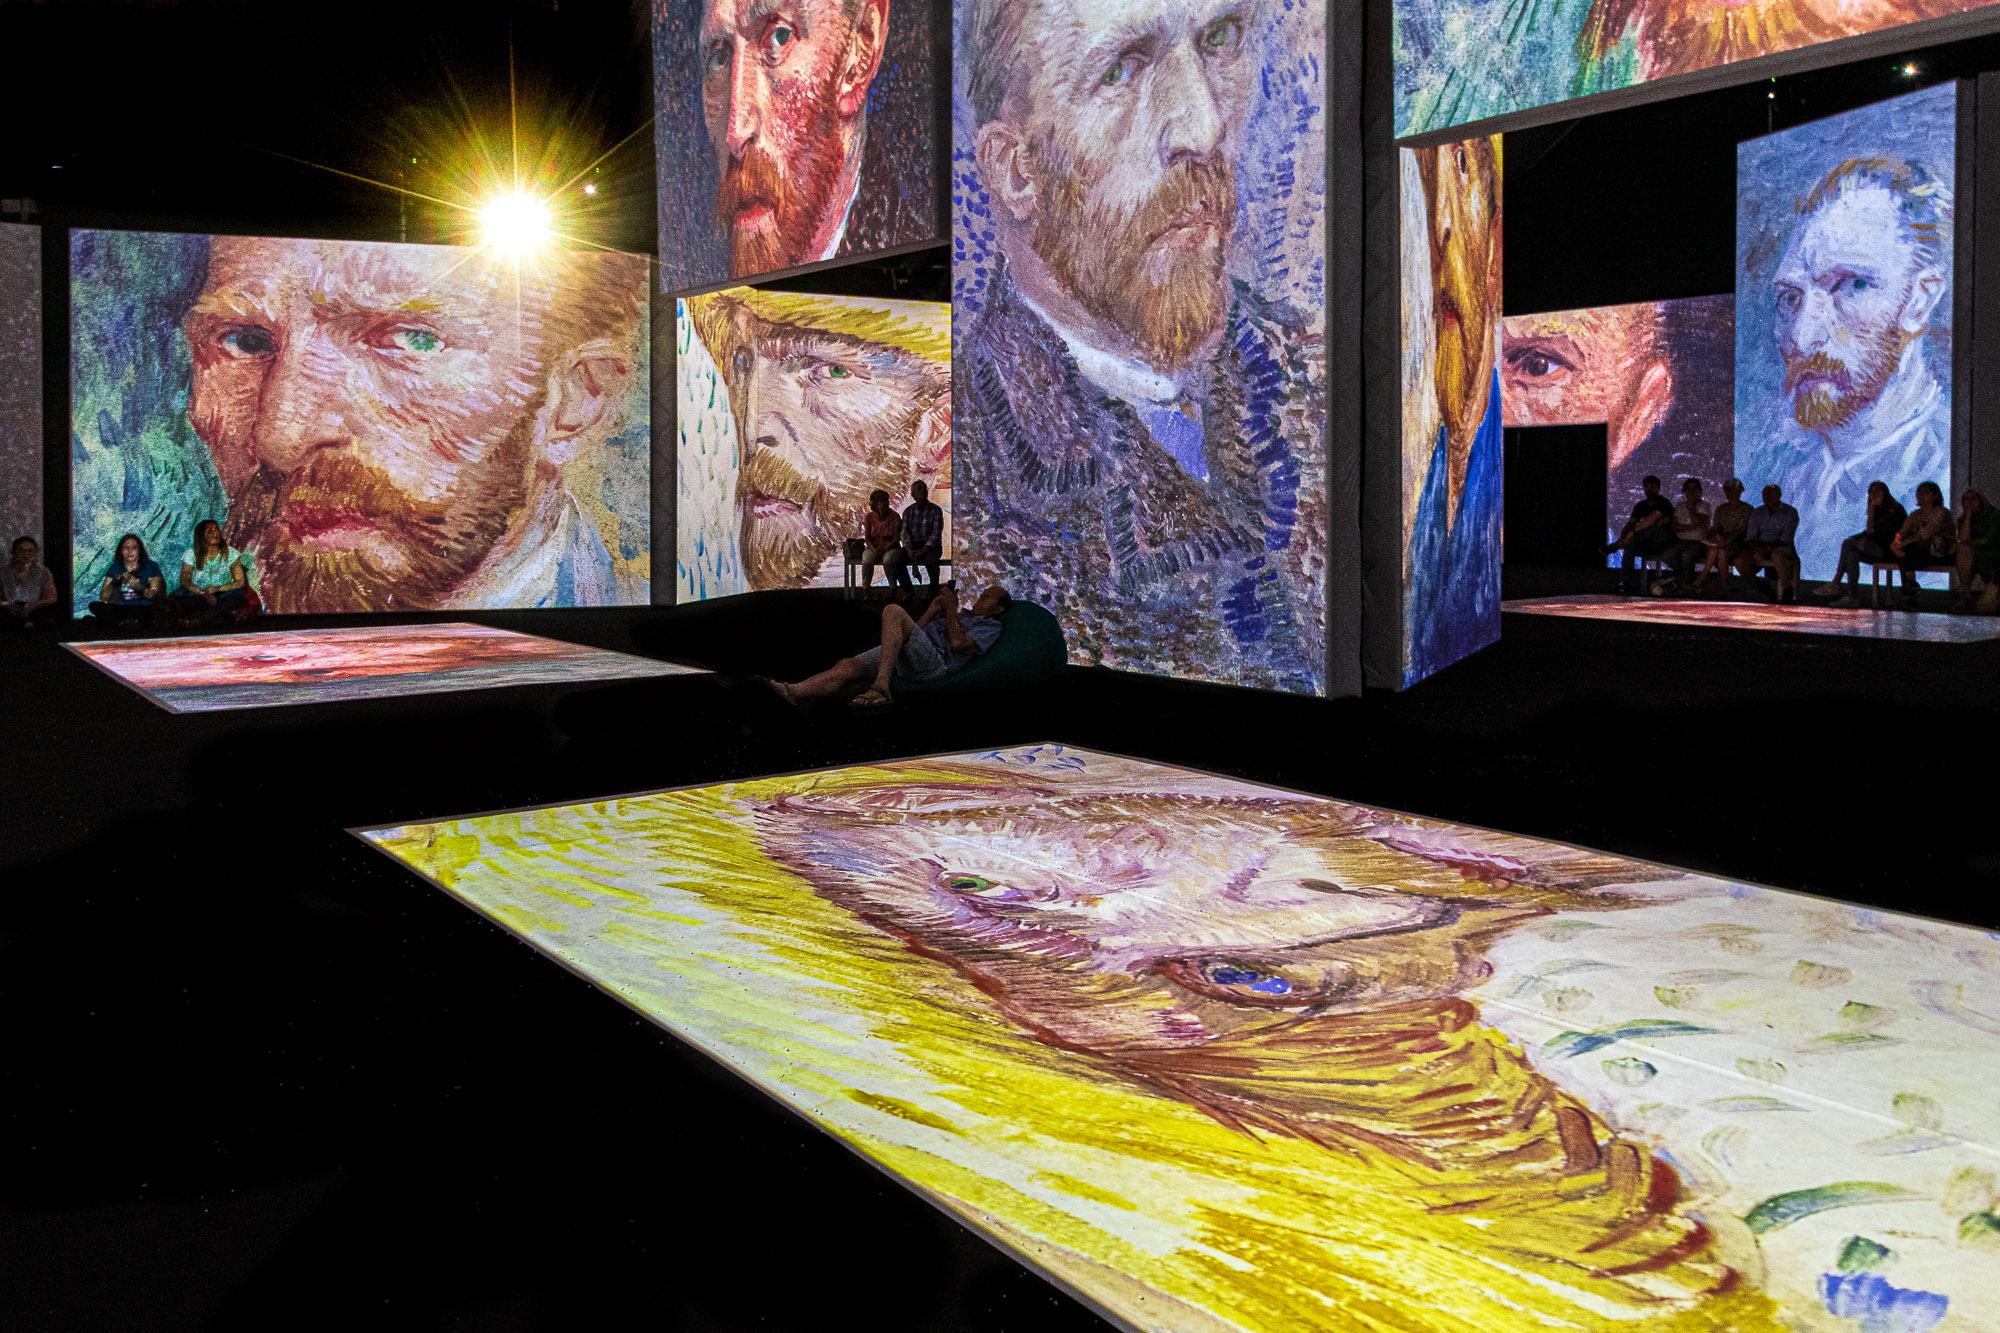 The Watchful Gaze of Van Gogh...